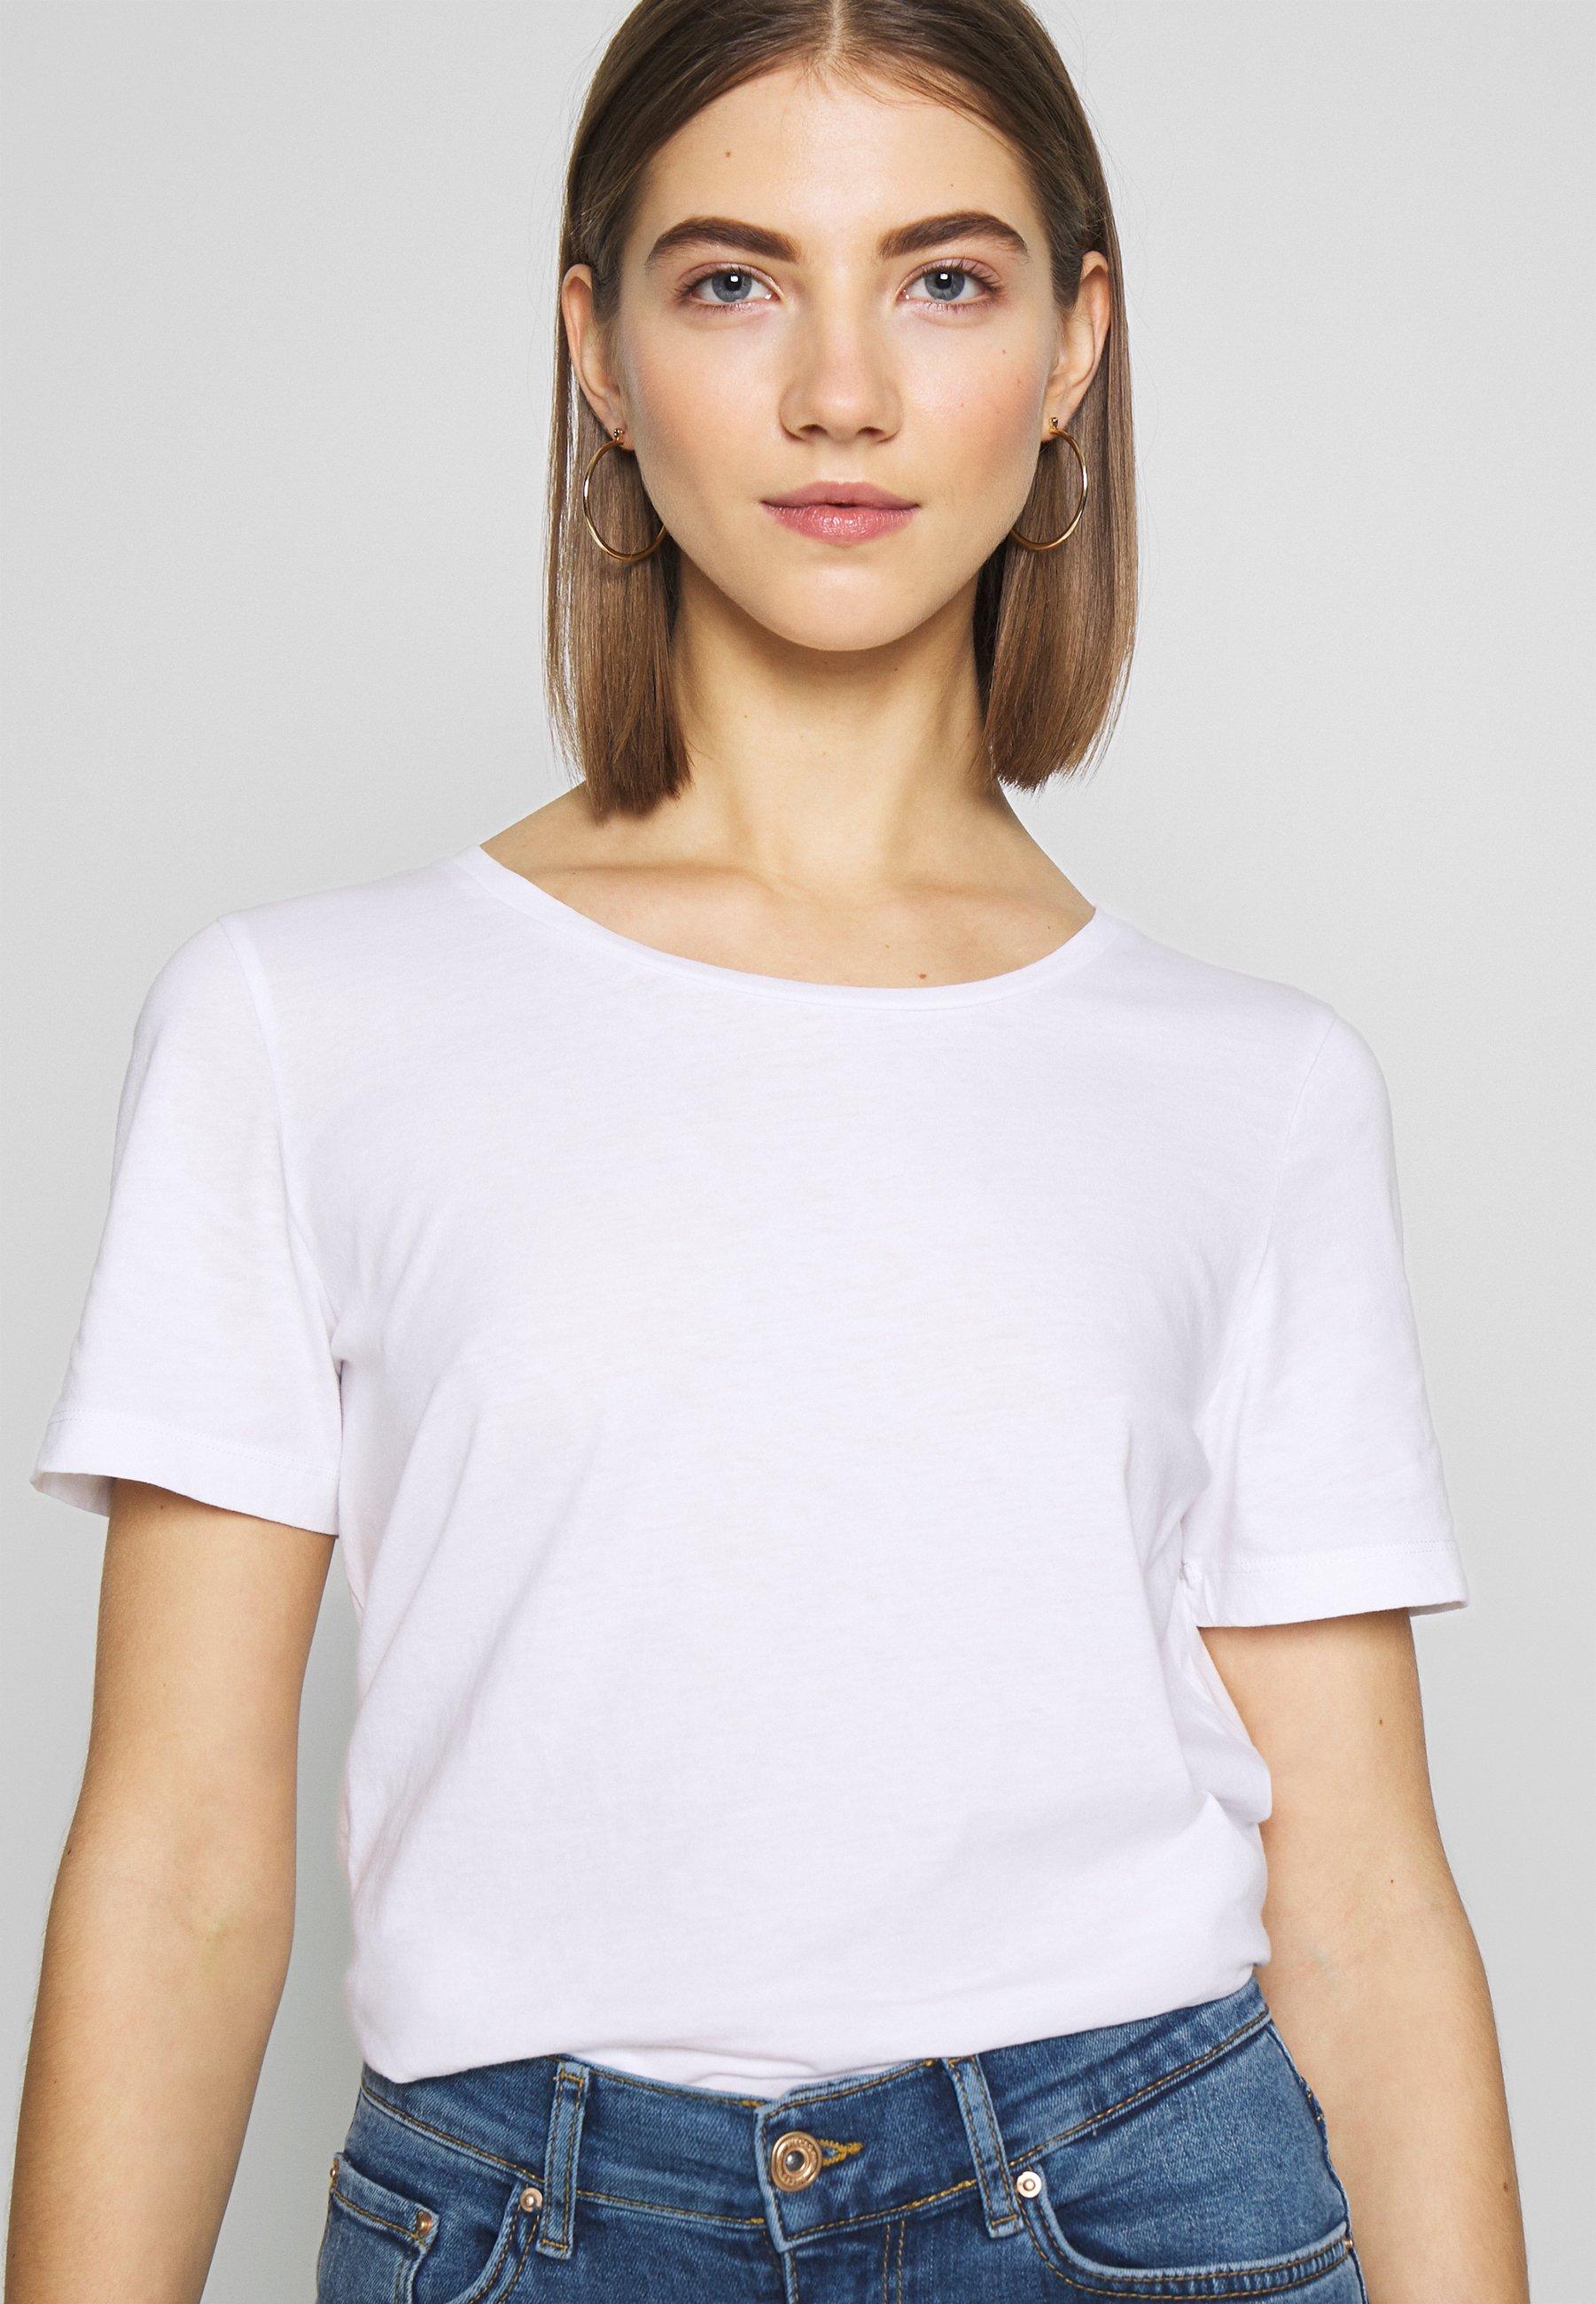 Vila Visus - T-shirts Optical Snow/hvit